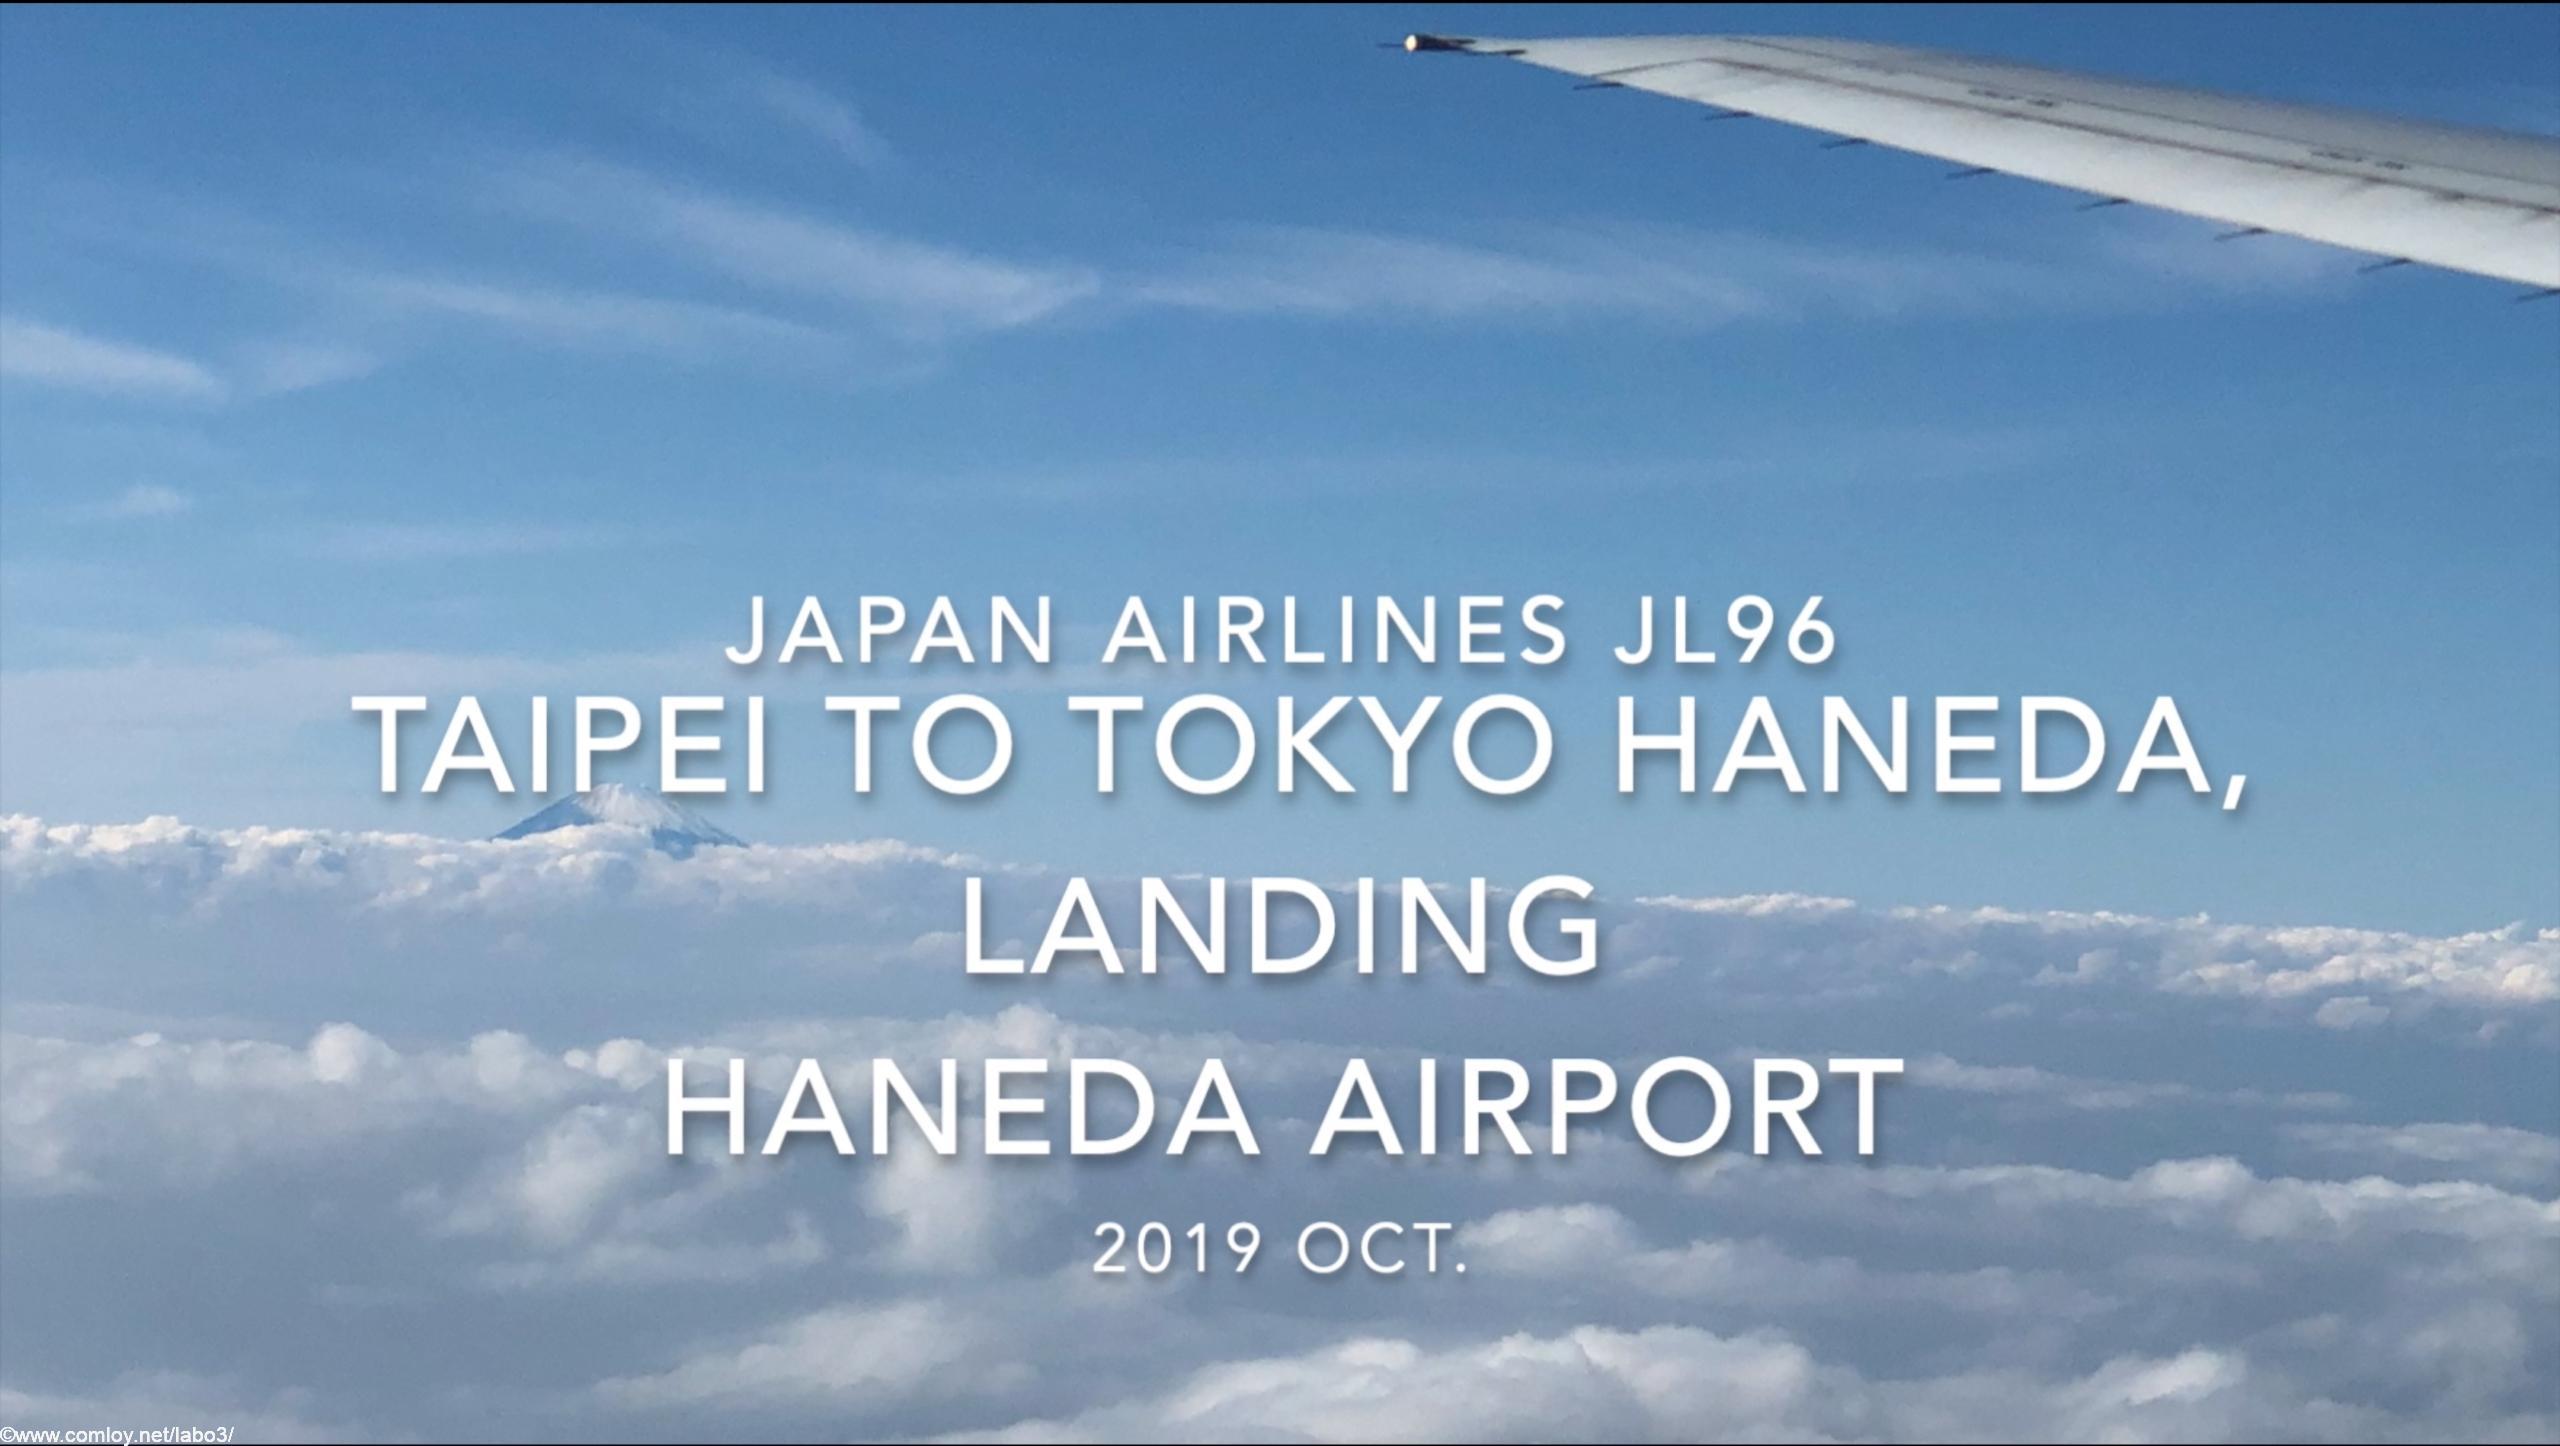 【機内から離着陸映像】2019 Oct Japan Airlines JL96 TAIPEI to TOKYO HANEDA, Landing HANEDA Airport